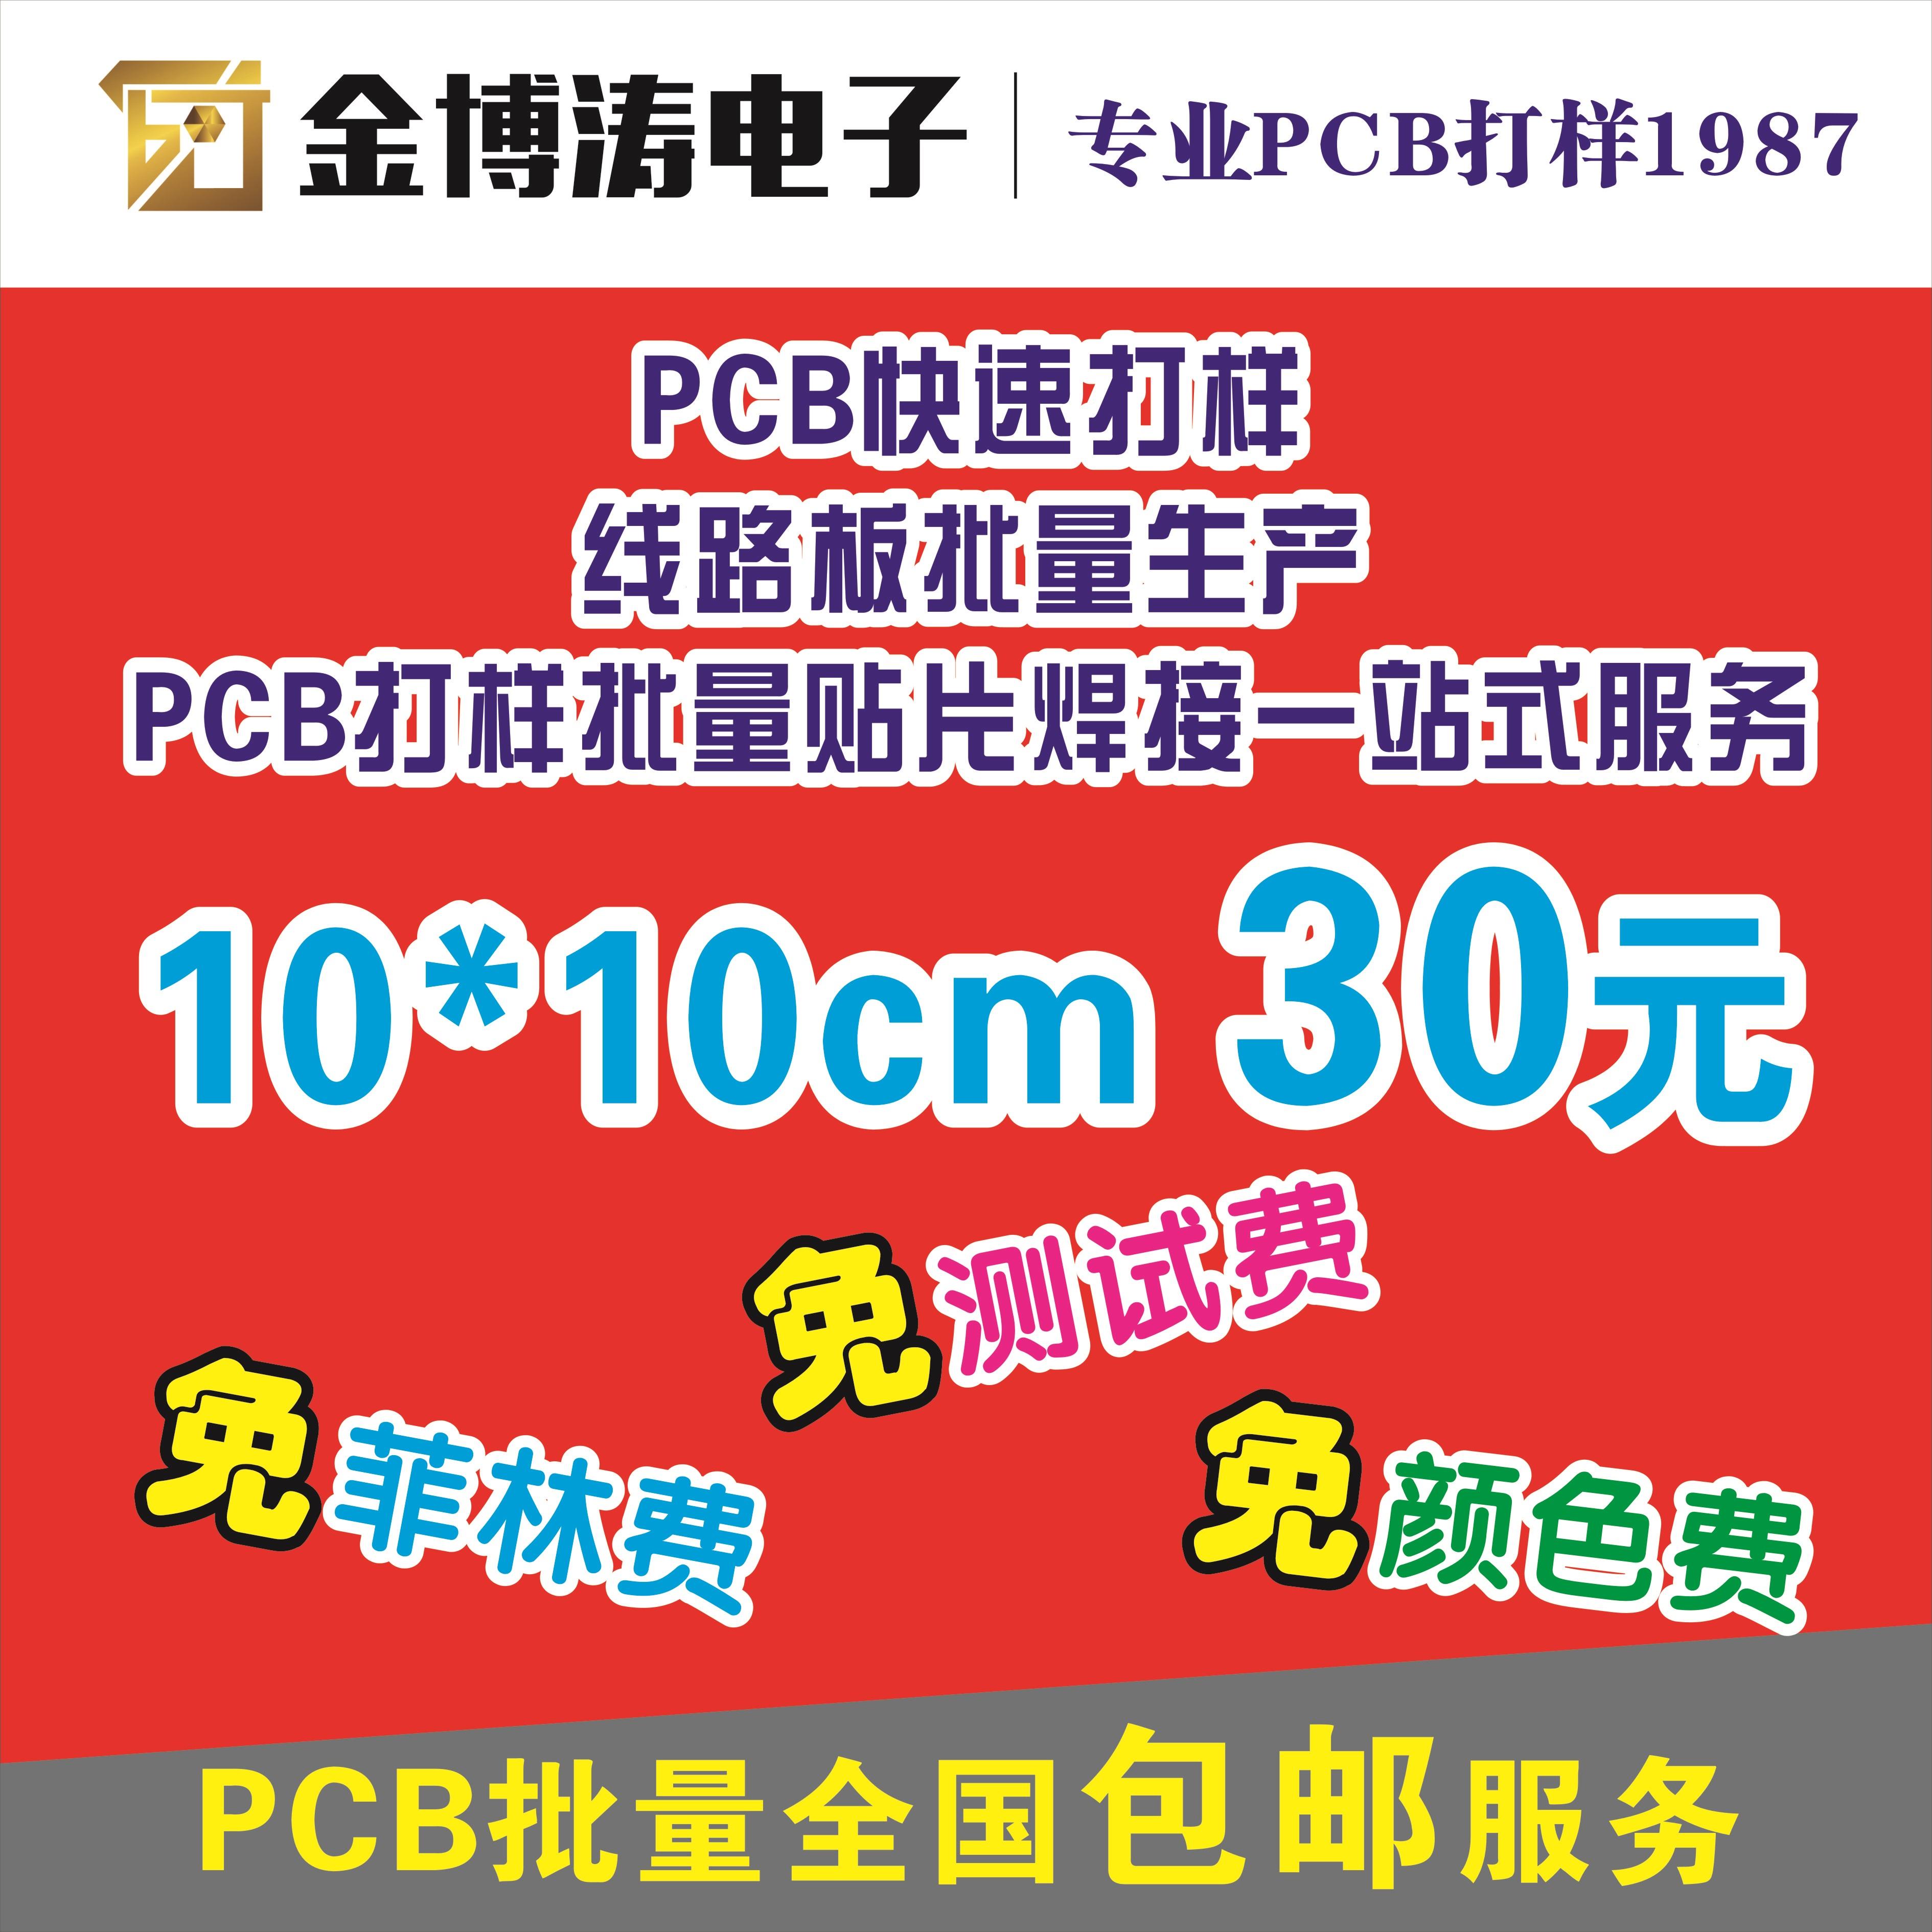 PCB борьба образец плат партия плат производство срочный плат обработка дуплекс партия производить